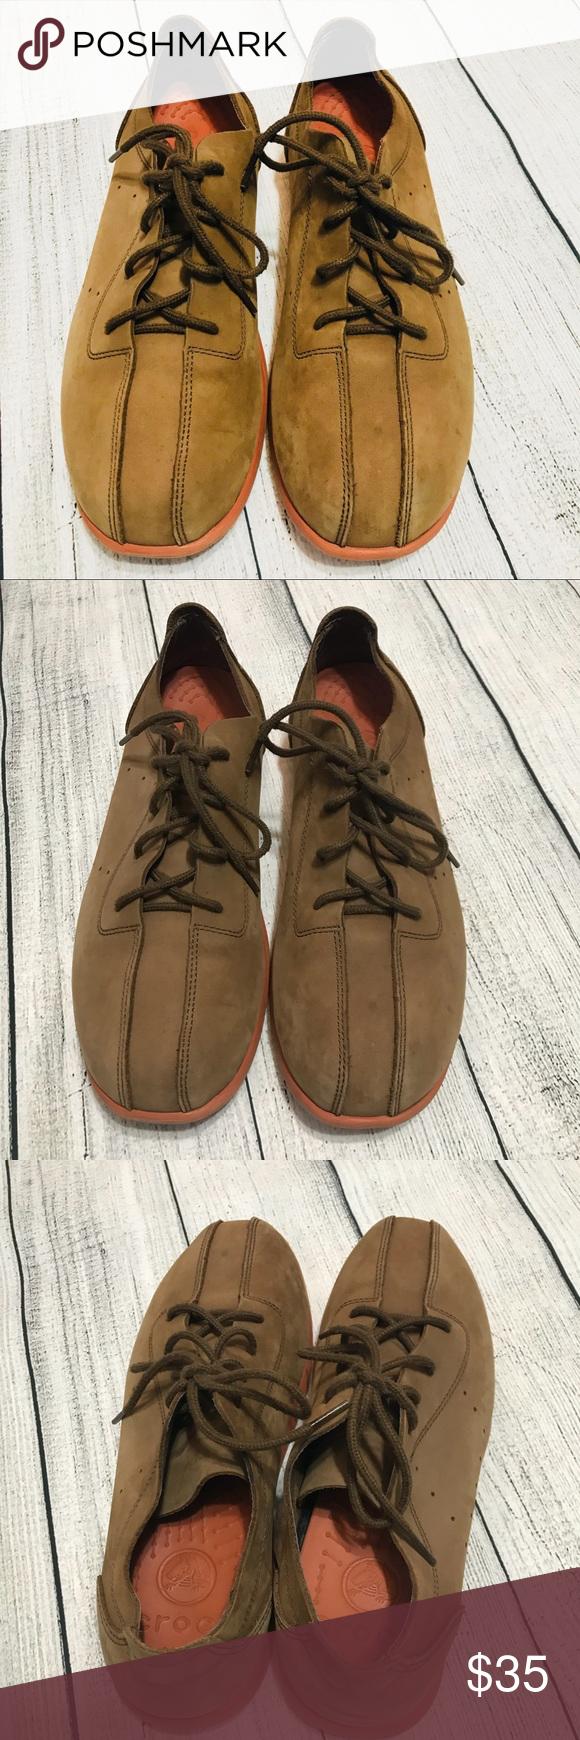 35e00c2b8 Crocs Men s Lace Up Shoes size 10M Crocs Men s Lace Up Shoes size 10M Good  condition